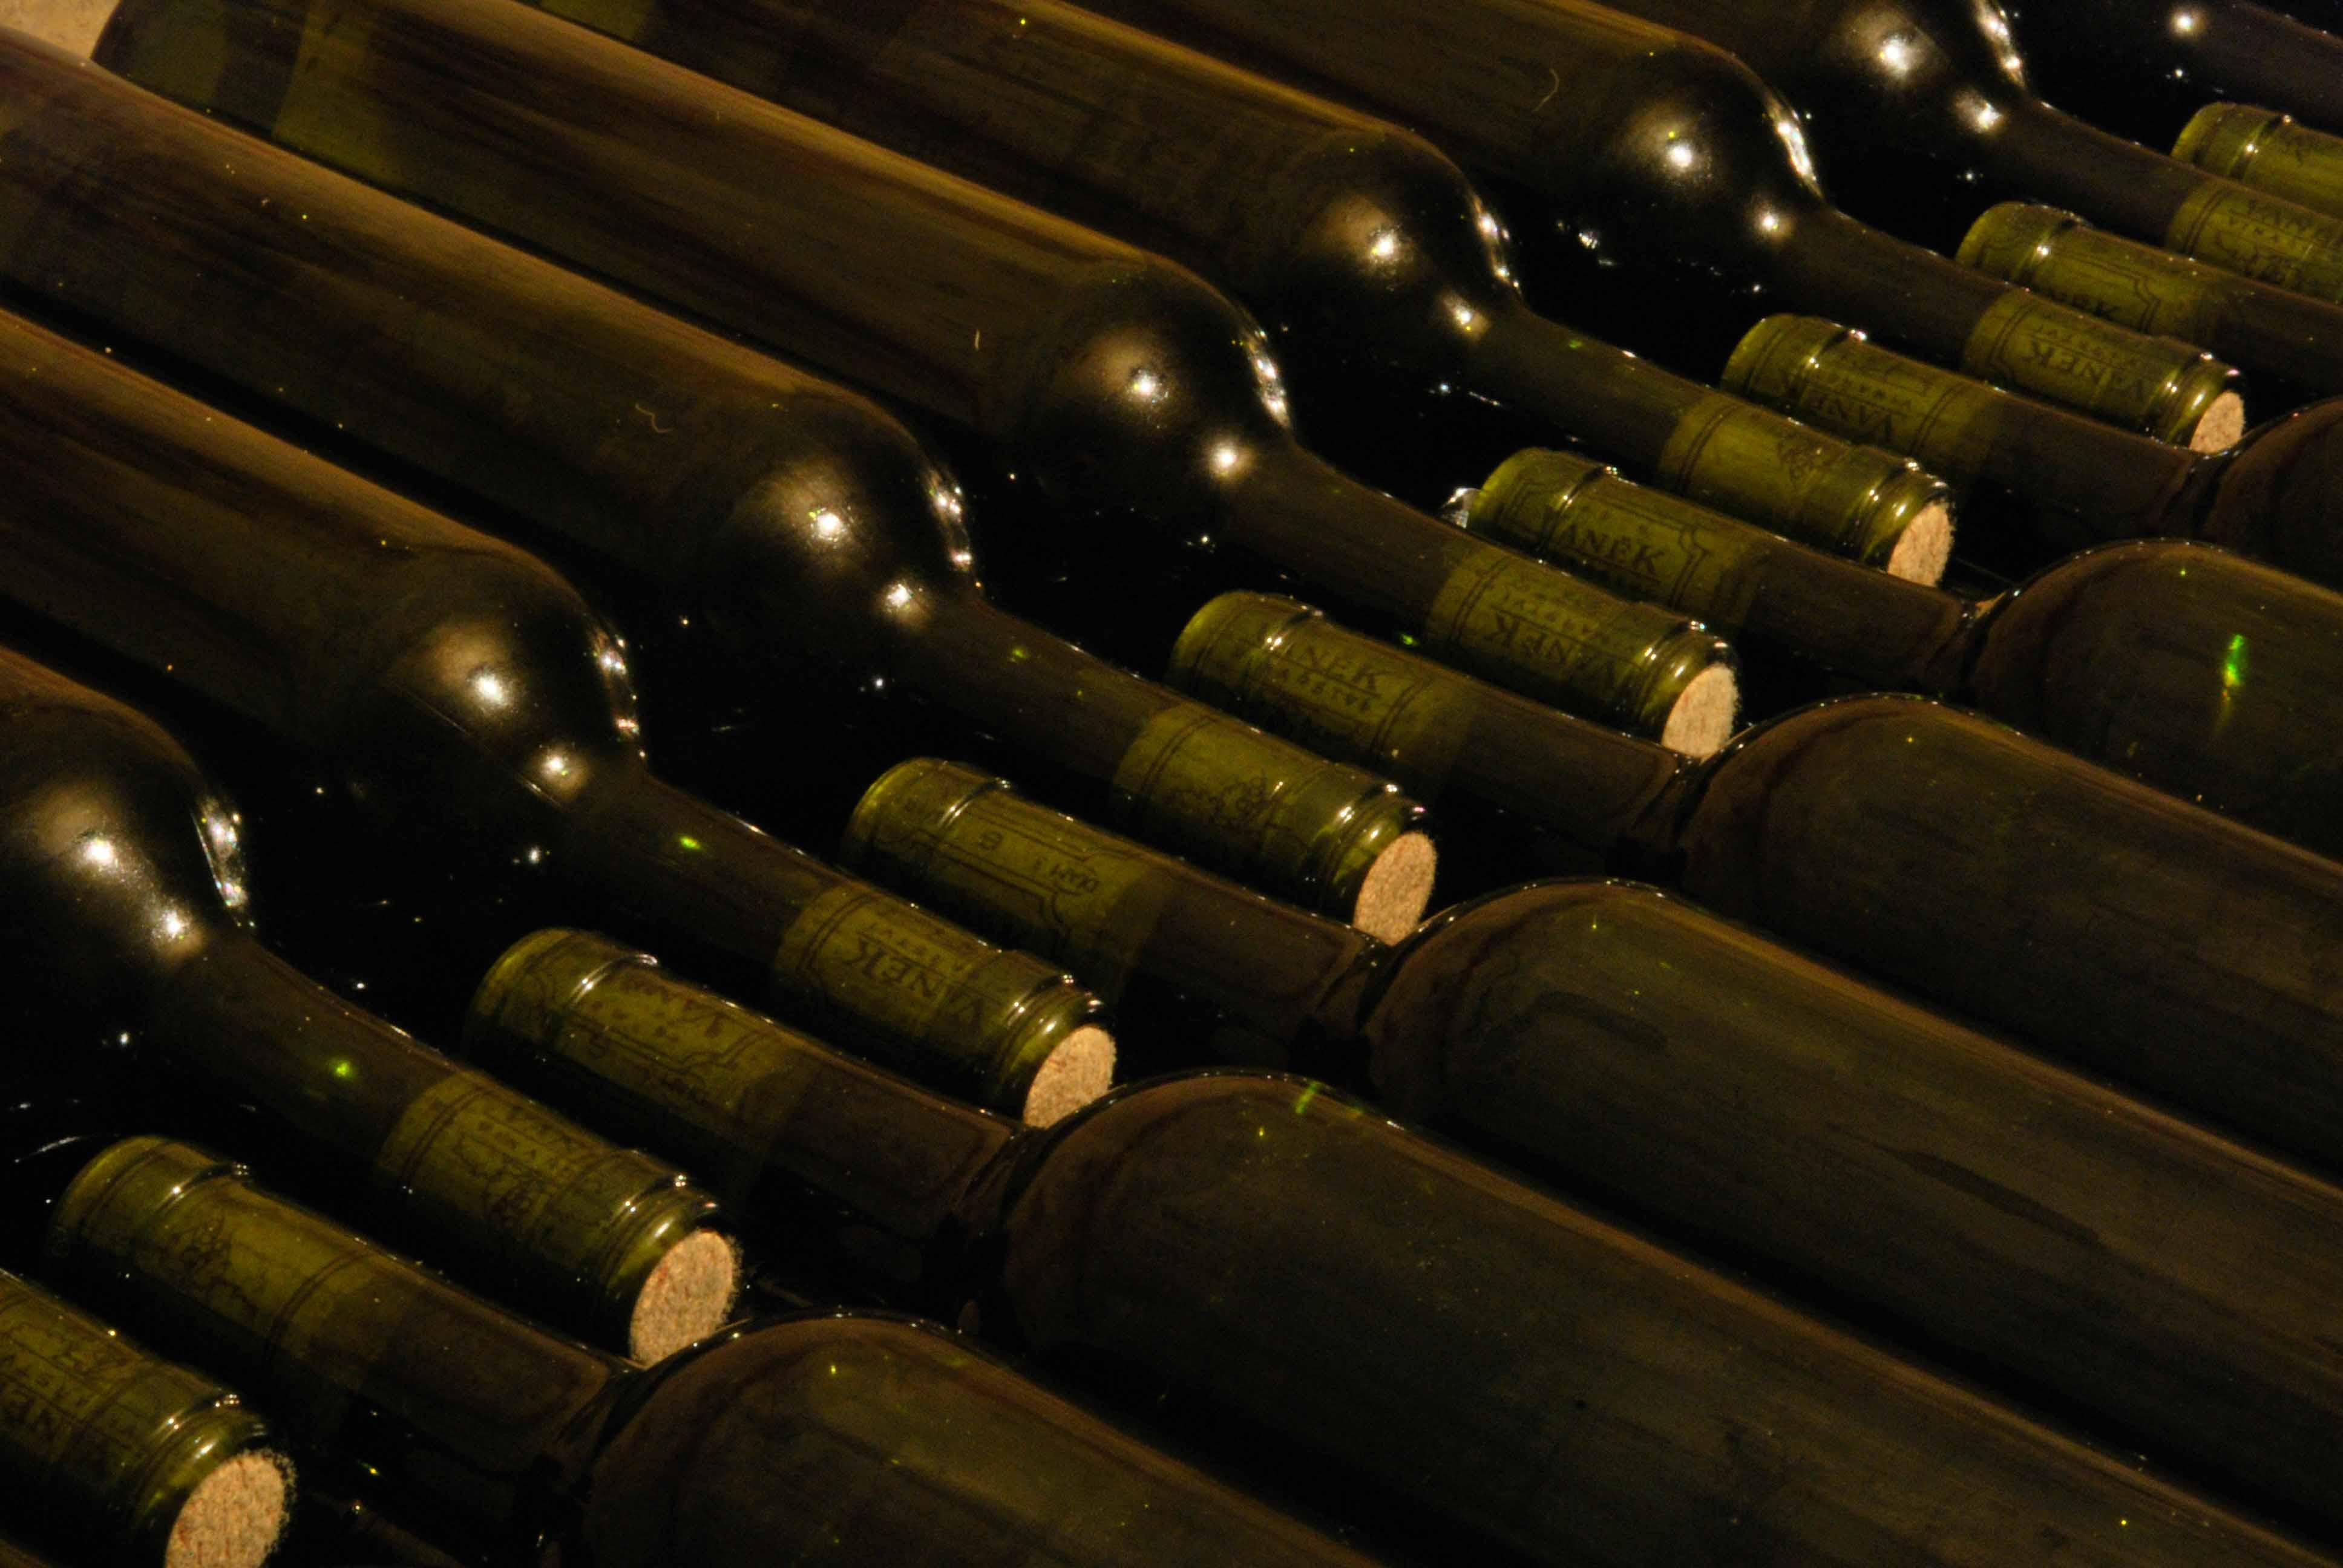 VÍNO VANĚK - nalahvované červené víno si v klidu, jakoby nic zraje ve sklepě